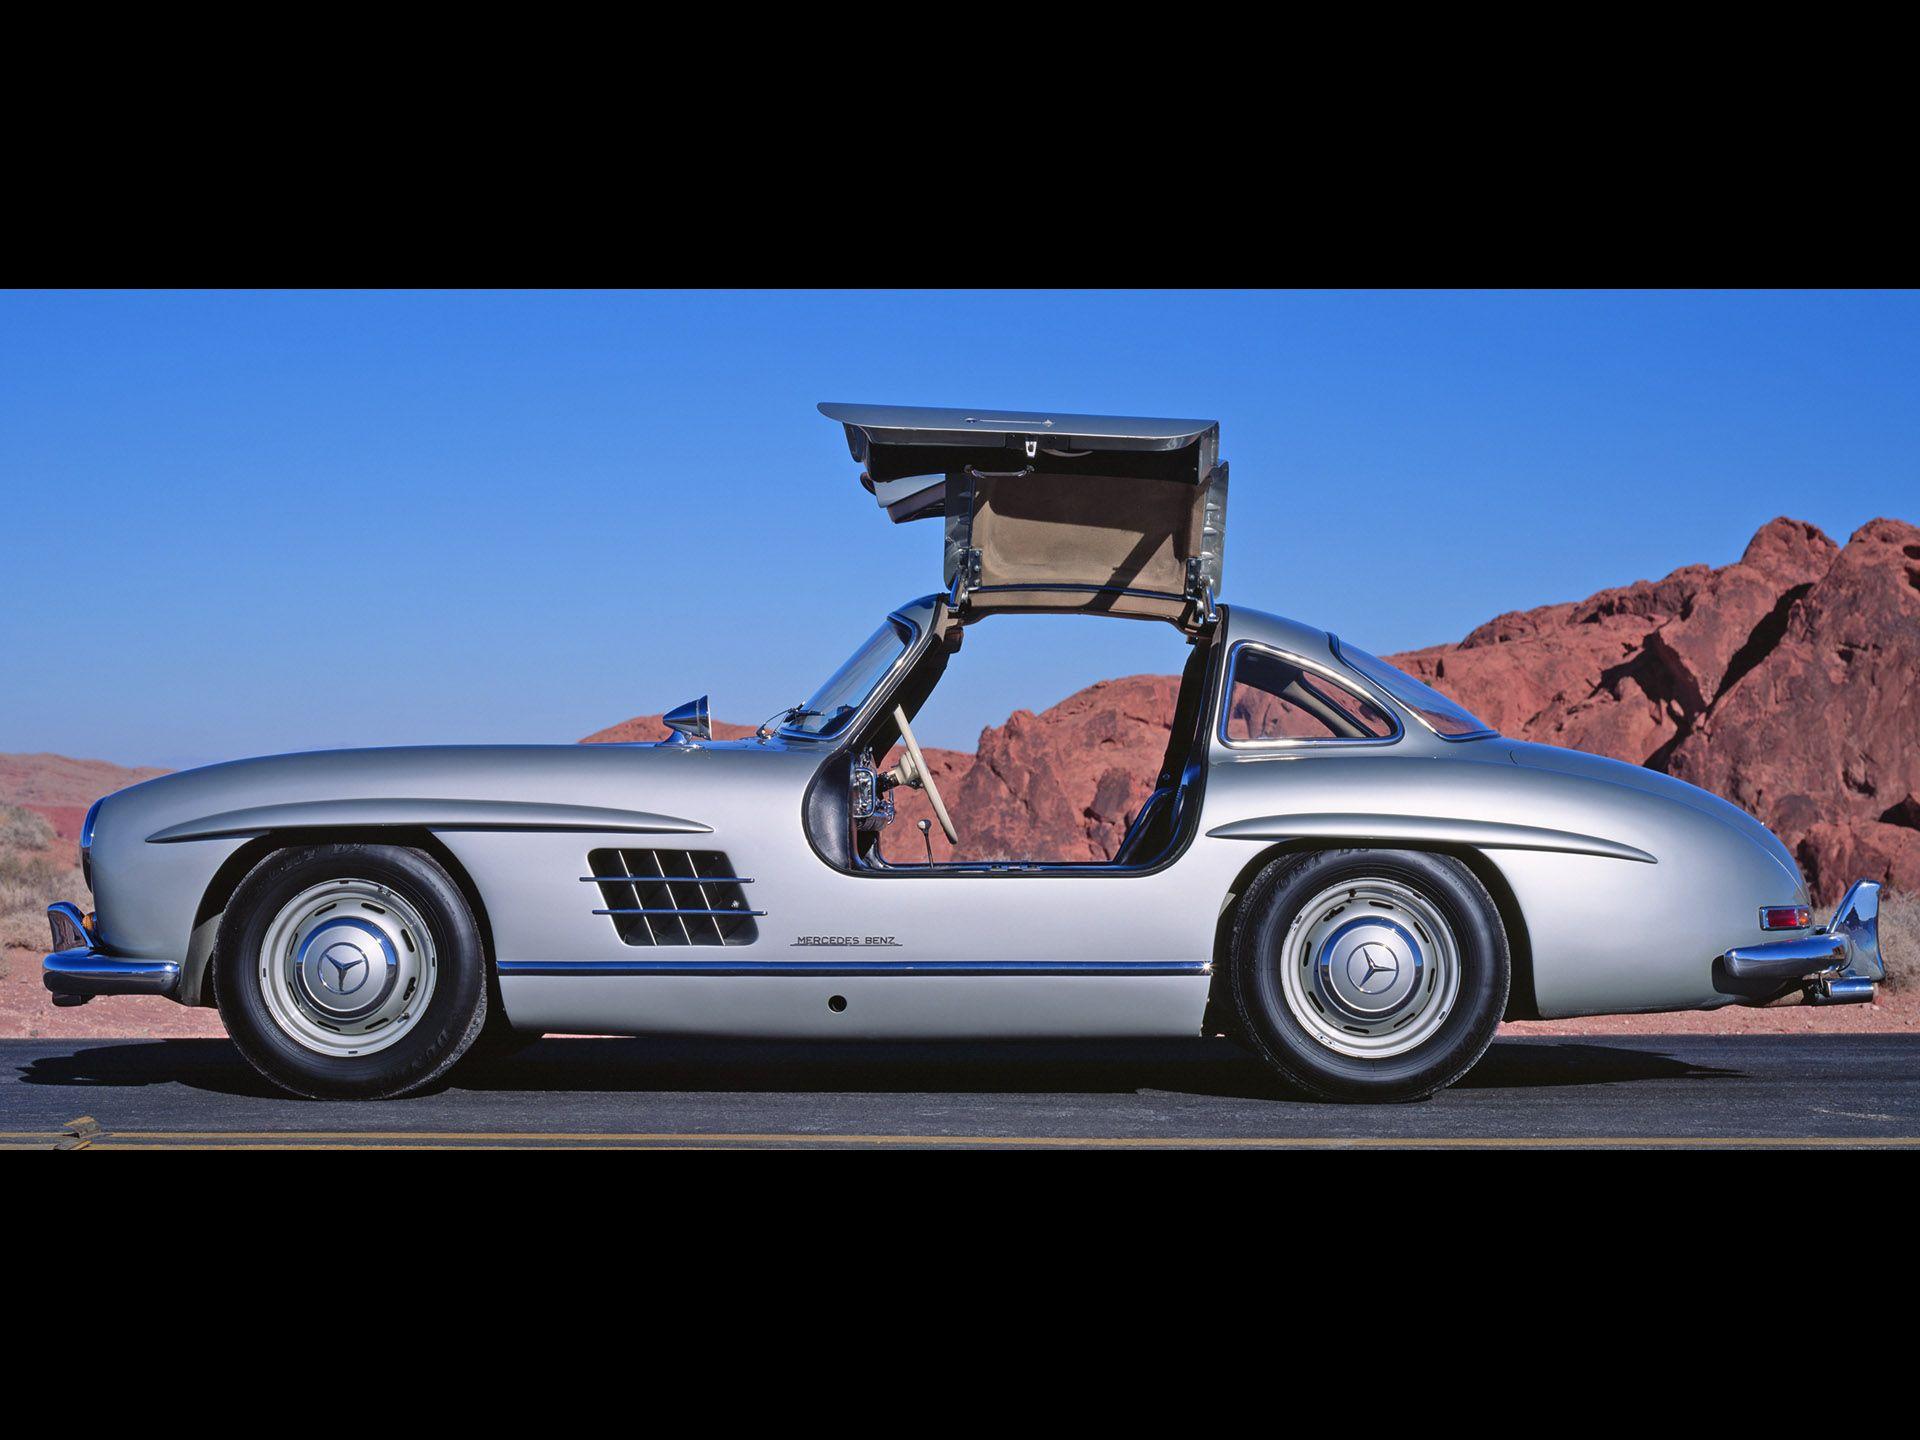 1954 1957 Mercedes Benz 300sl Gullwing Coupe Side Open Door 1920x1440 Wallpaper Mercedes Benz 300 Mercedes 300 Mercedes Benz 300 Sl Gullwing